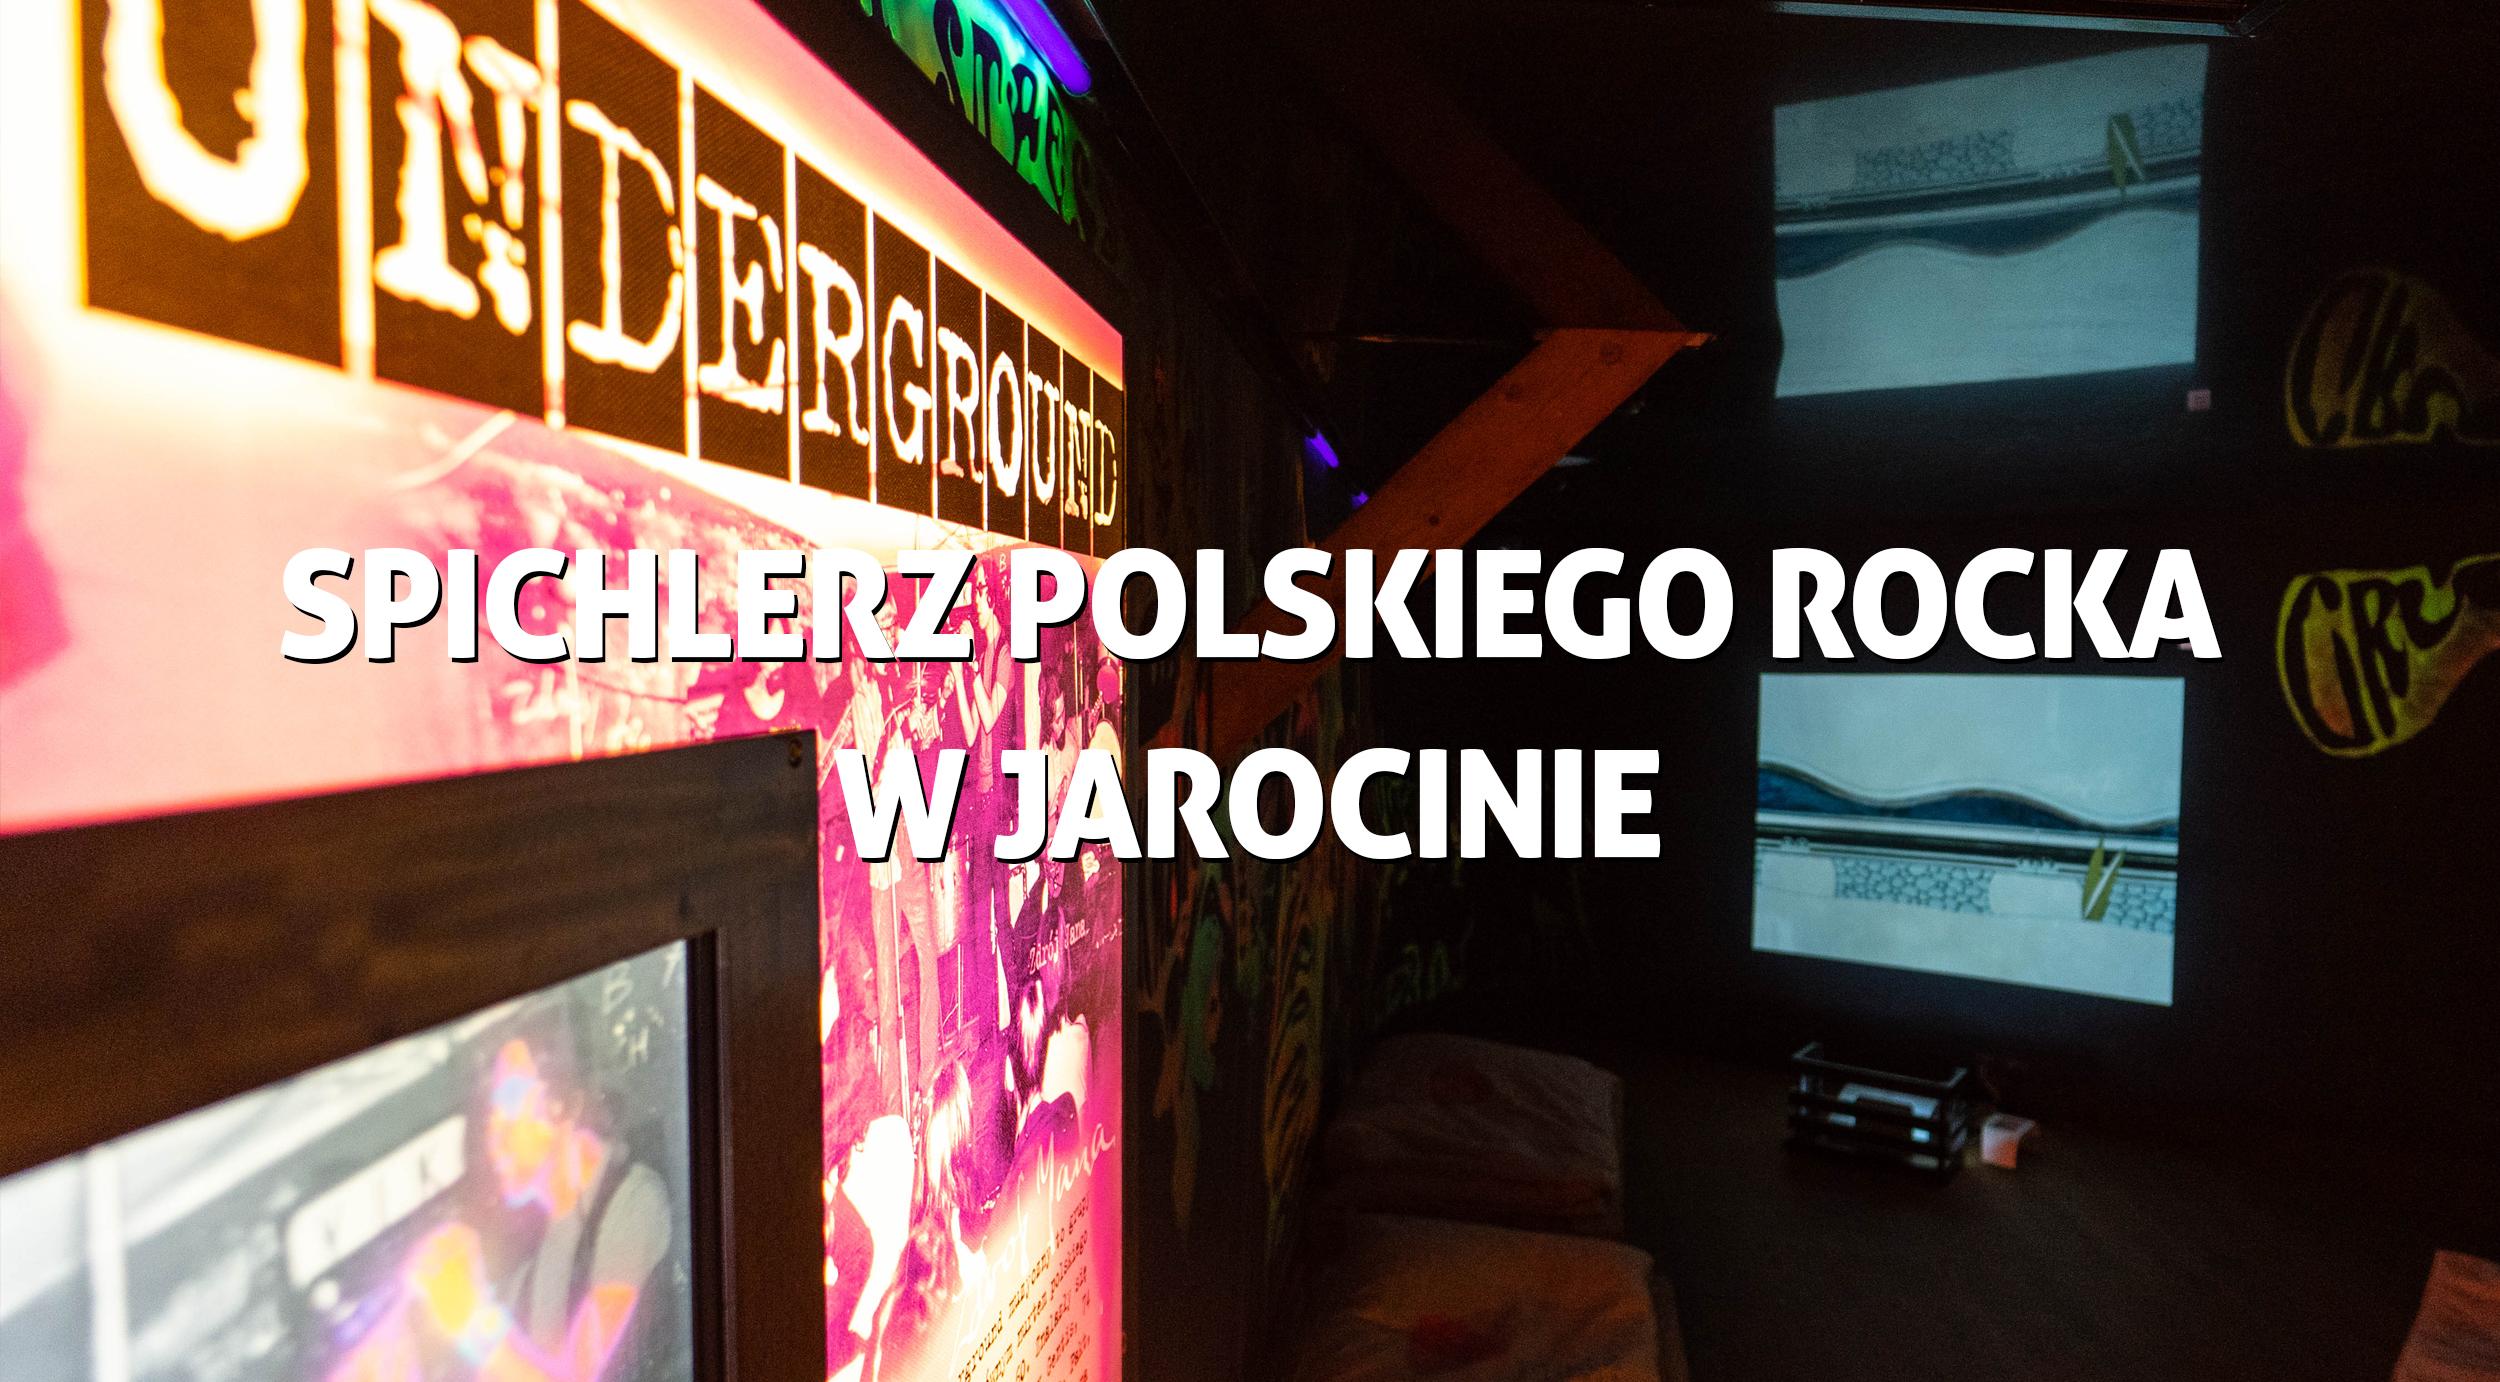 Spichlerz Polskiego Rocka wJarocinie